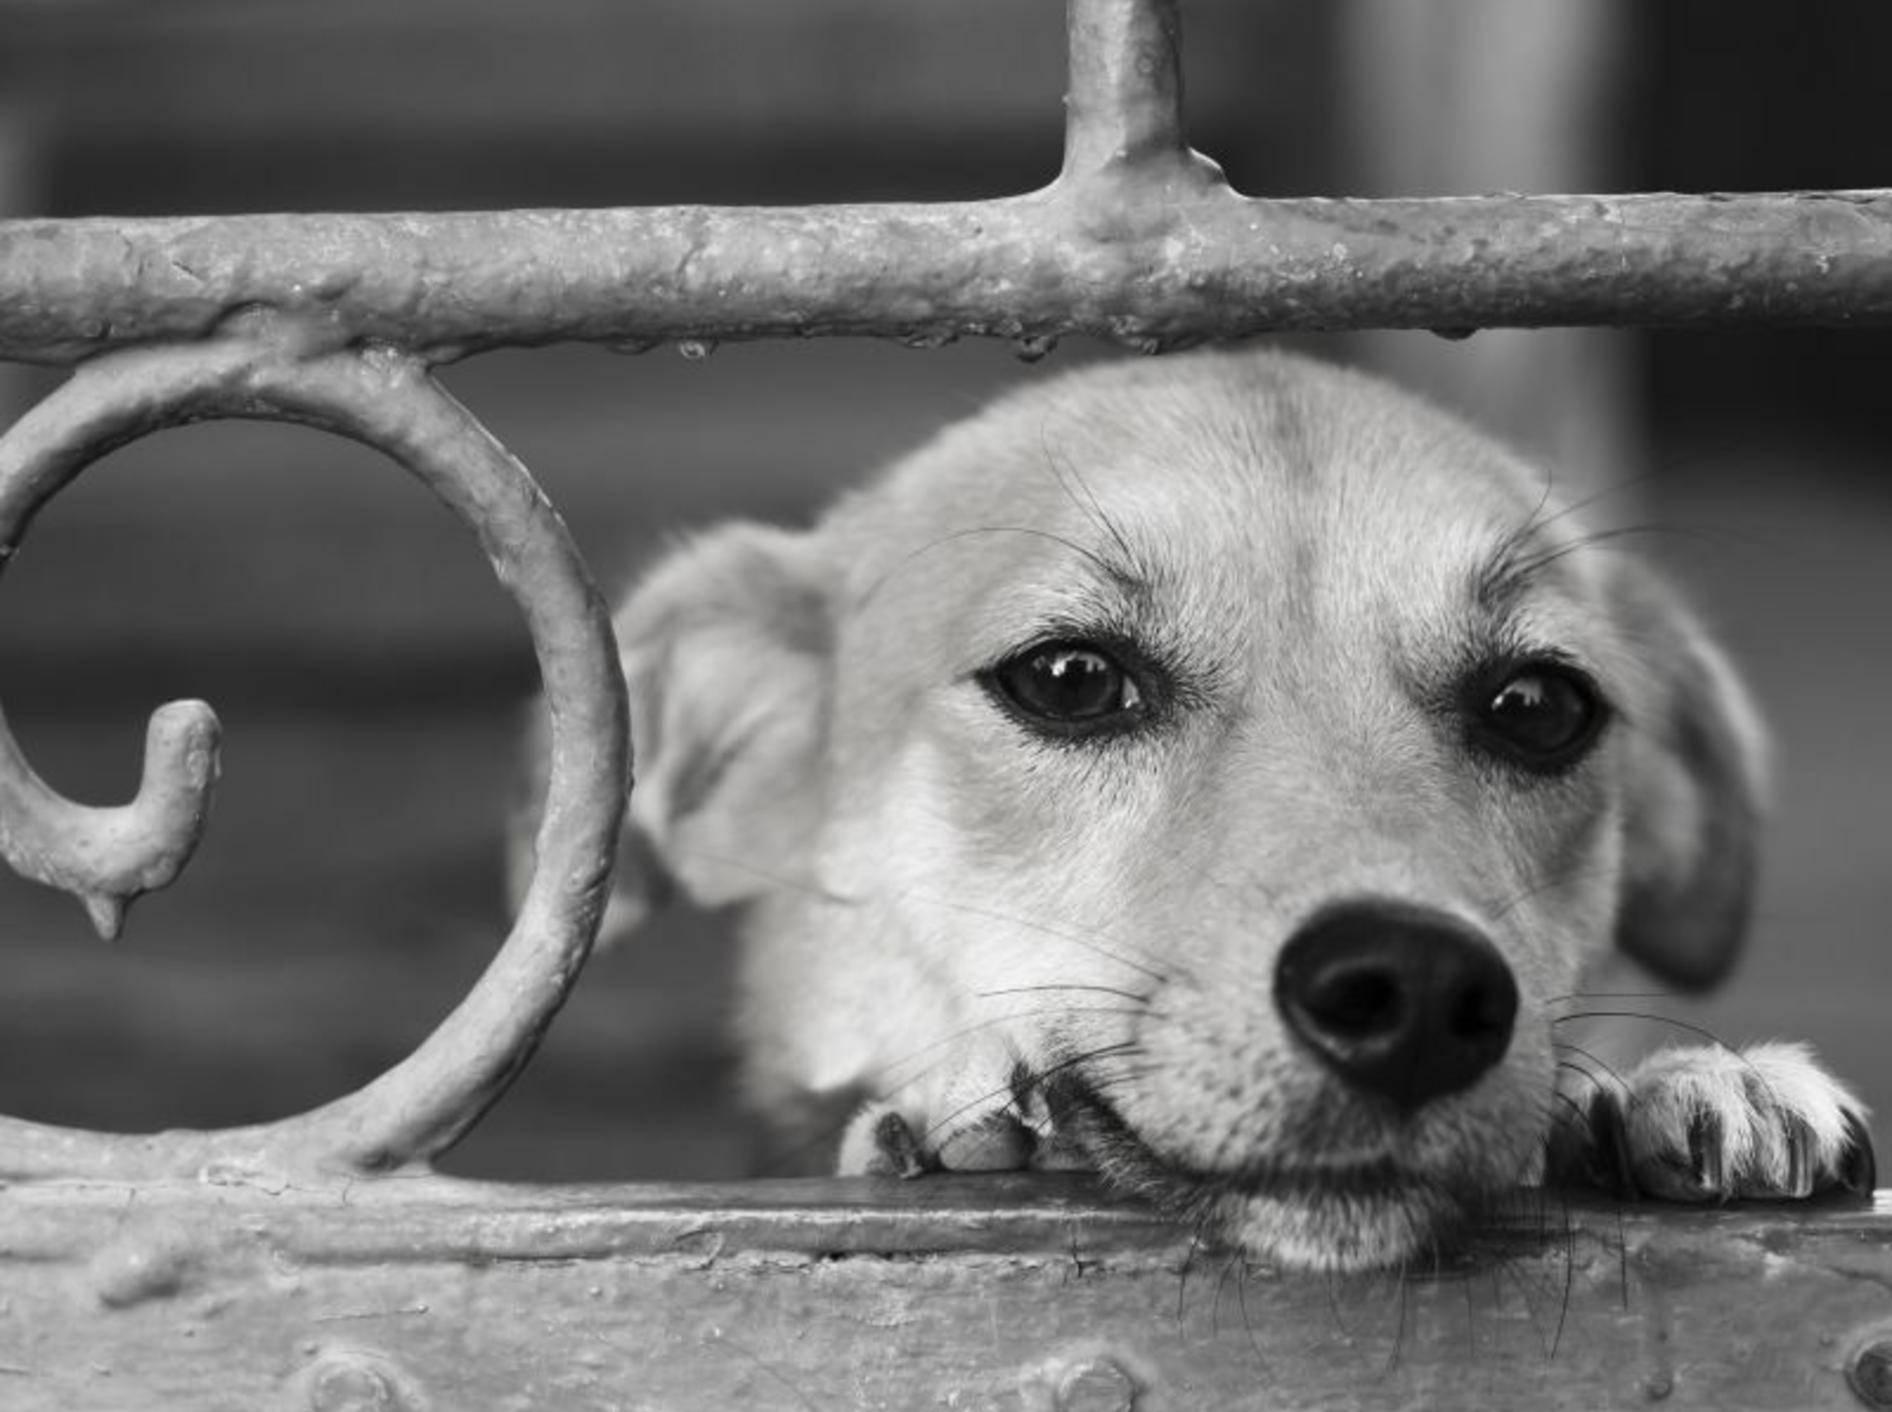 Ein schöner Mischling in Schwarz-Weiß-Optik — Bild: Shutterstock / NikP